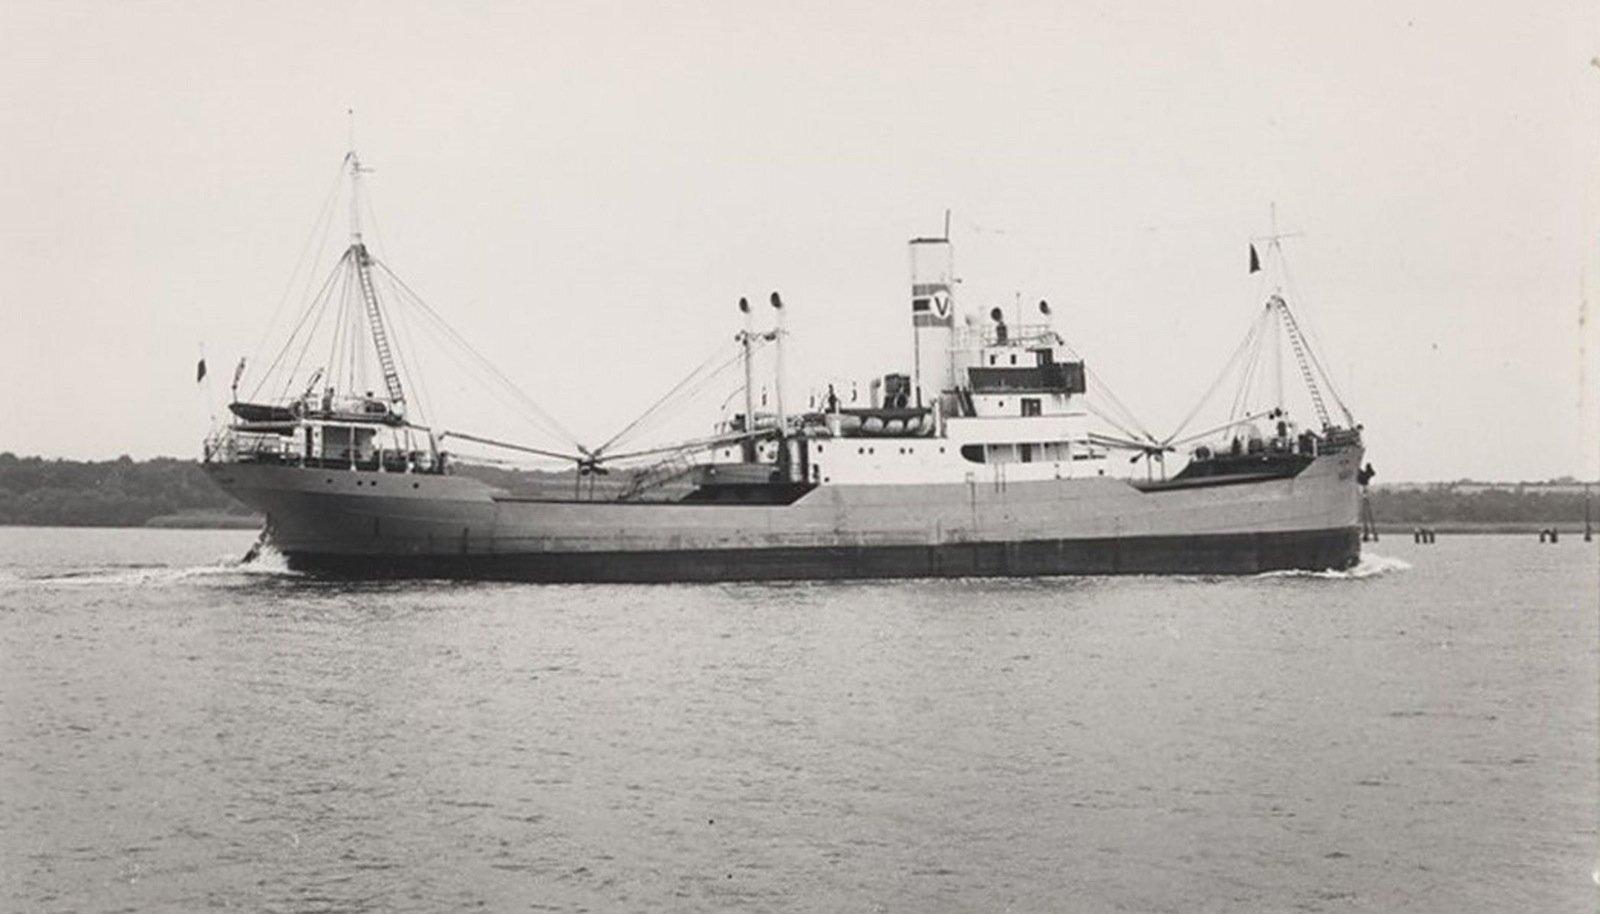 SELLINE OLI KA ENERGI: Põhjalastud Energi sõsarlaev Voosi, mida kohus kasutas hukkunud laevast ülevaate saamiseks.